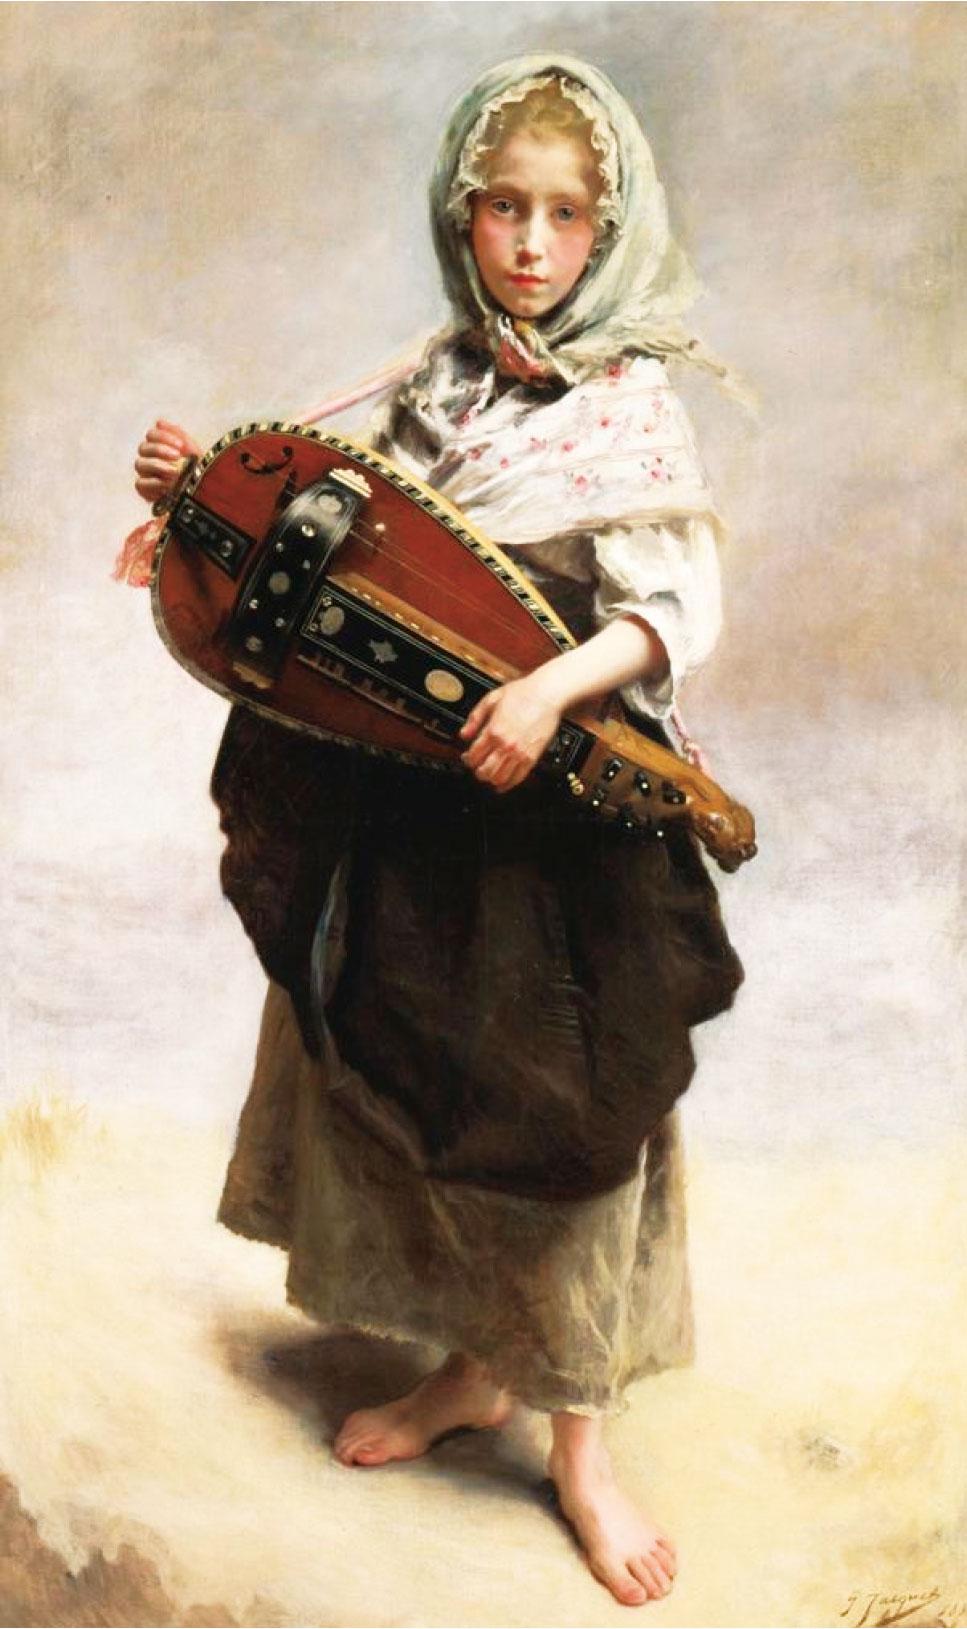 居斯塔夫讓雅凱,《遊吟女孩》(Girl Minstrel),1881年作,布面油畫,145 × 79 cm,克萊斯勒藝術博物館藏。